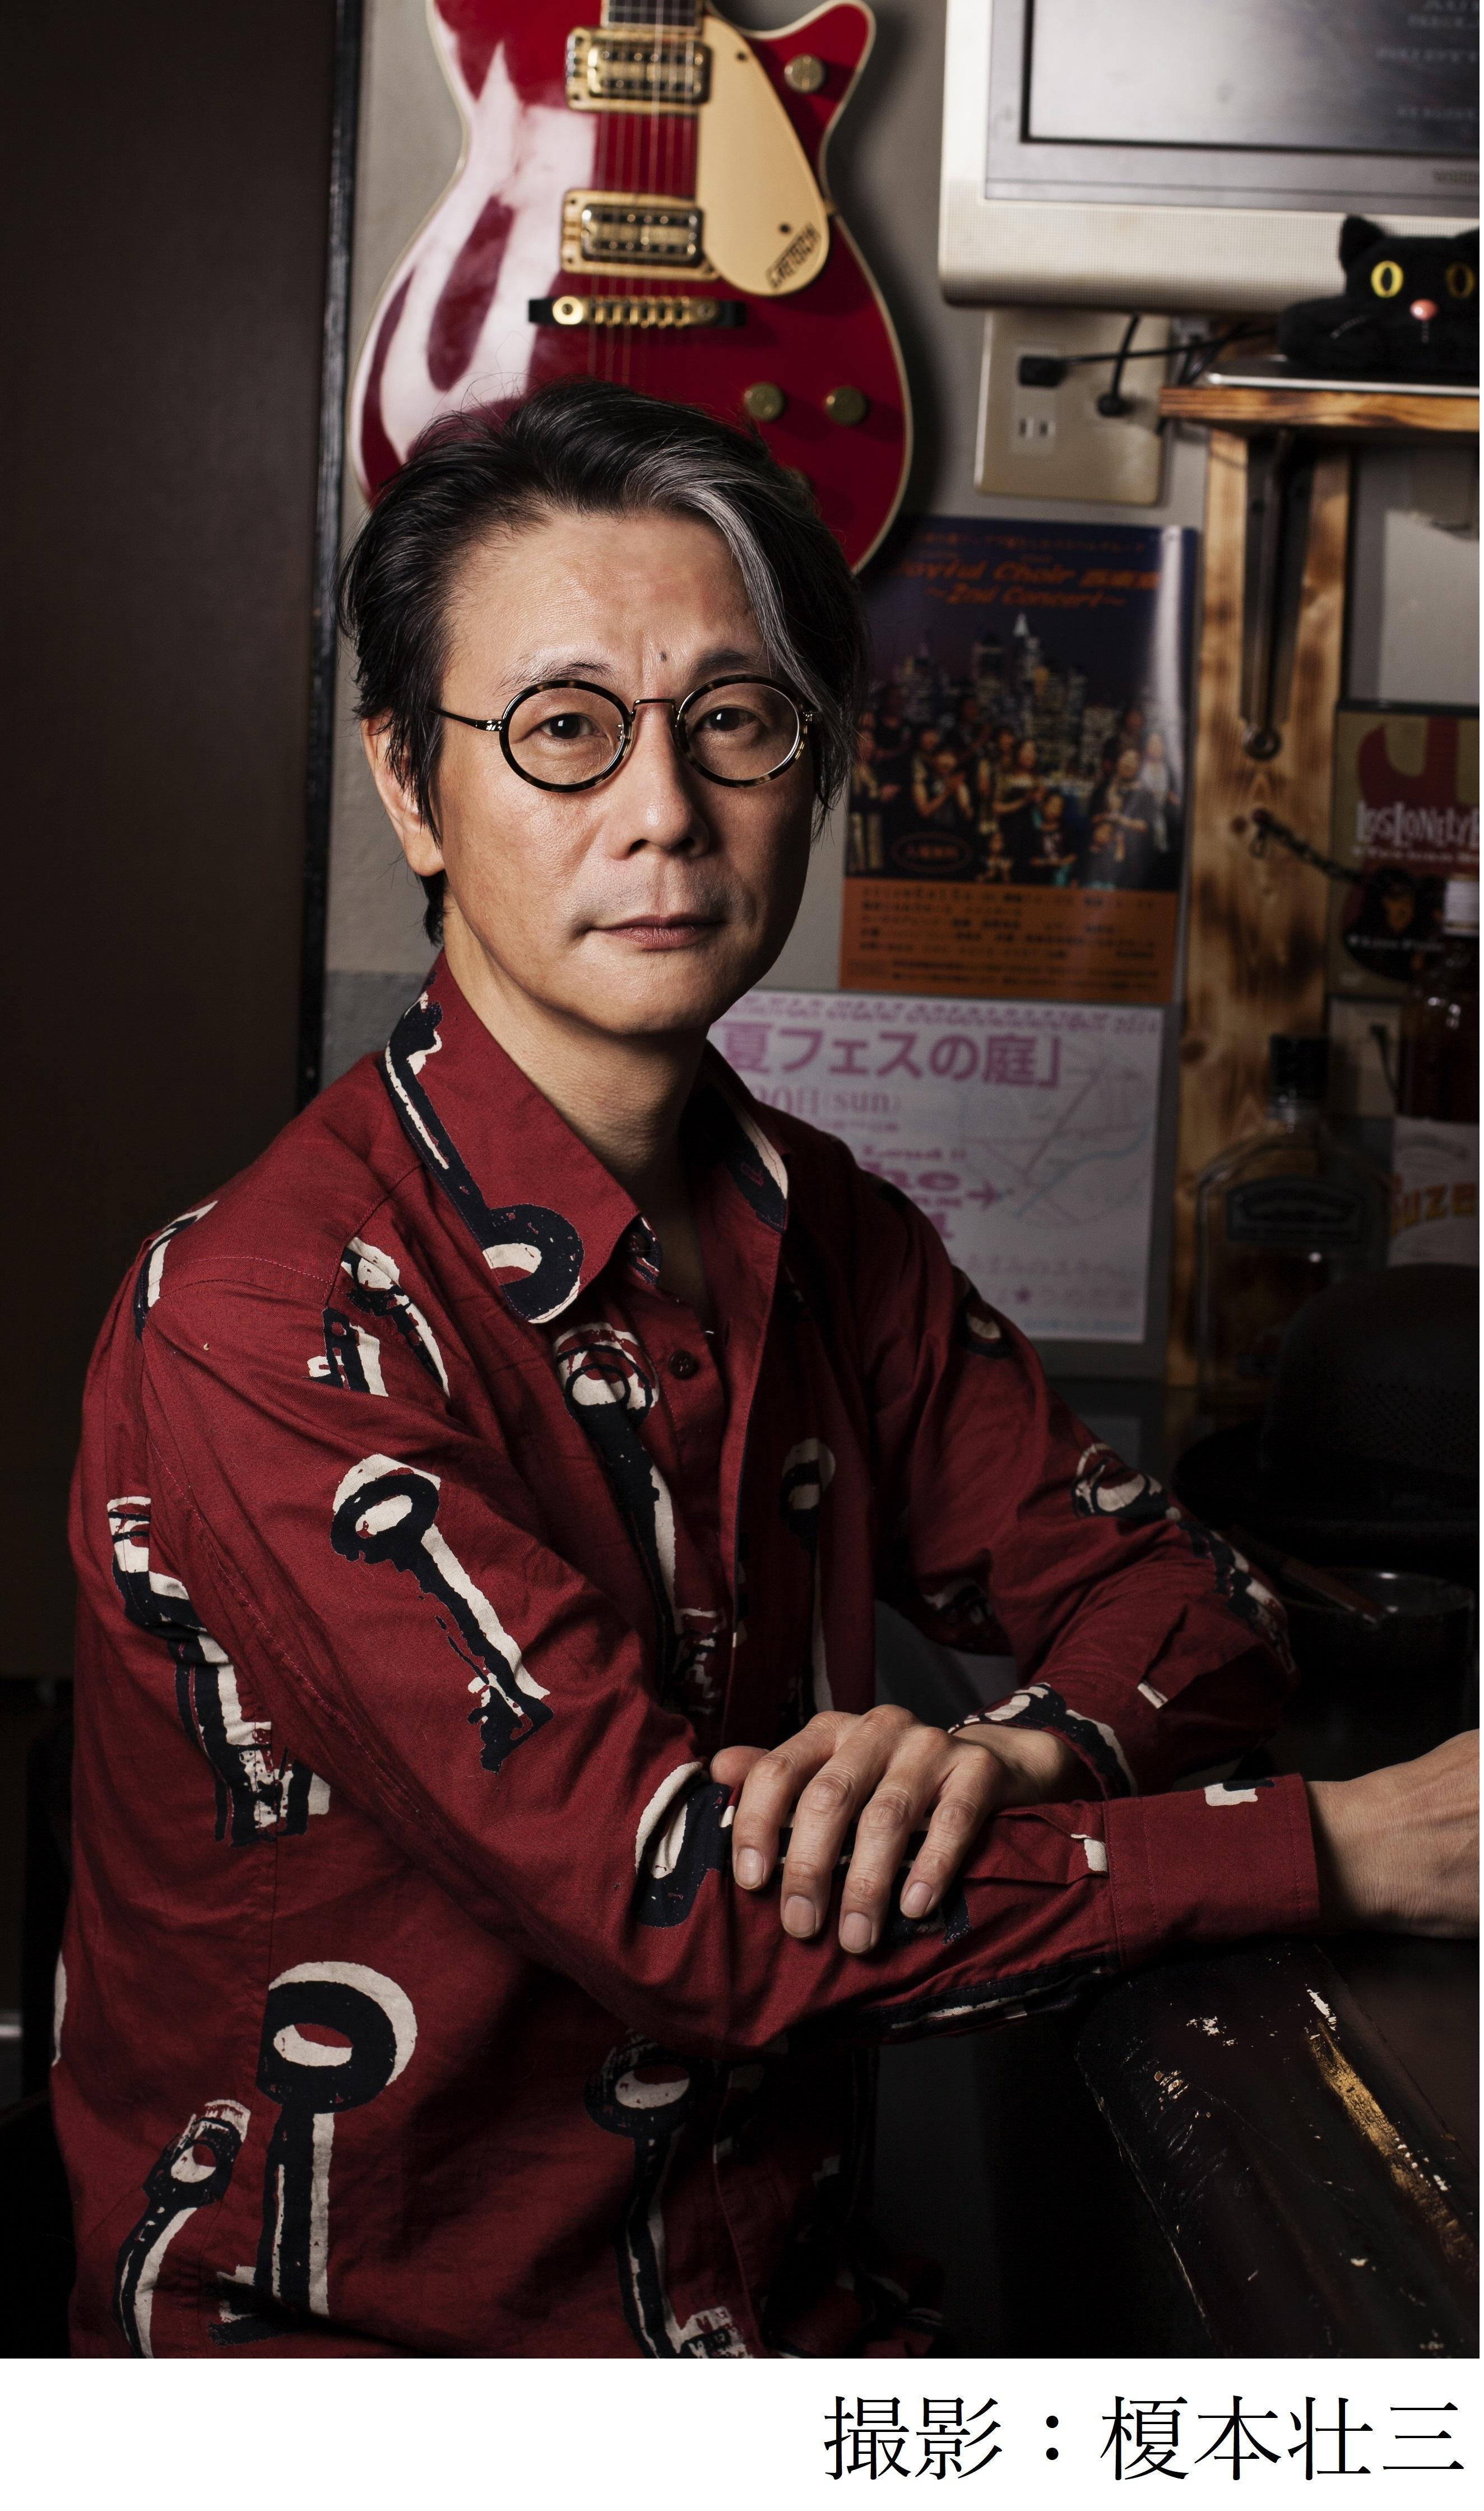 2・プロが教える文章術:「撮影:榎本壮三」IMG_3.jpg